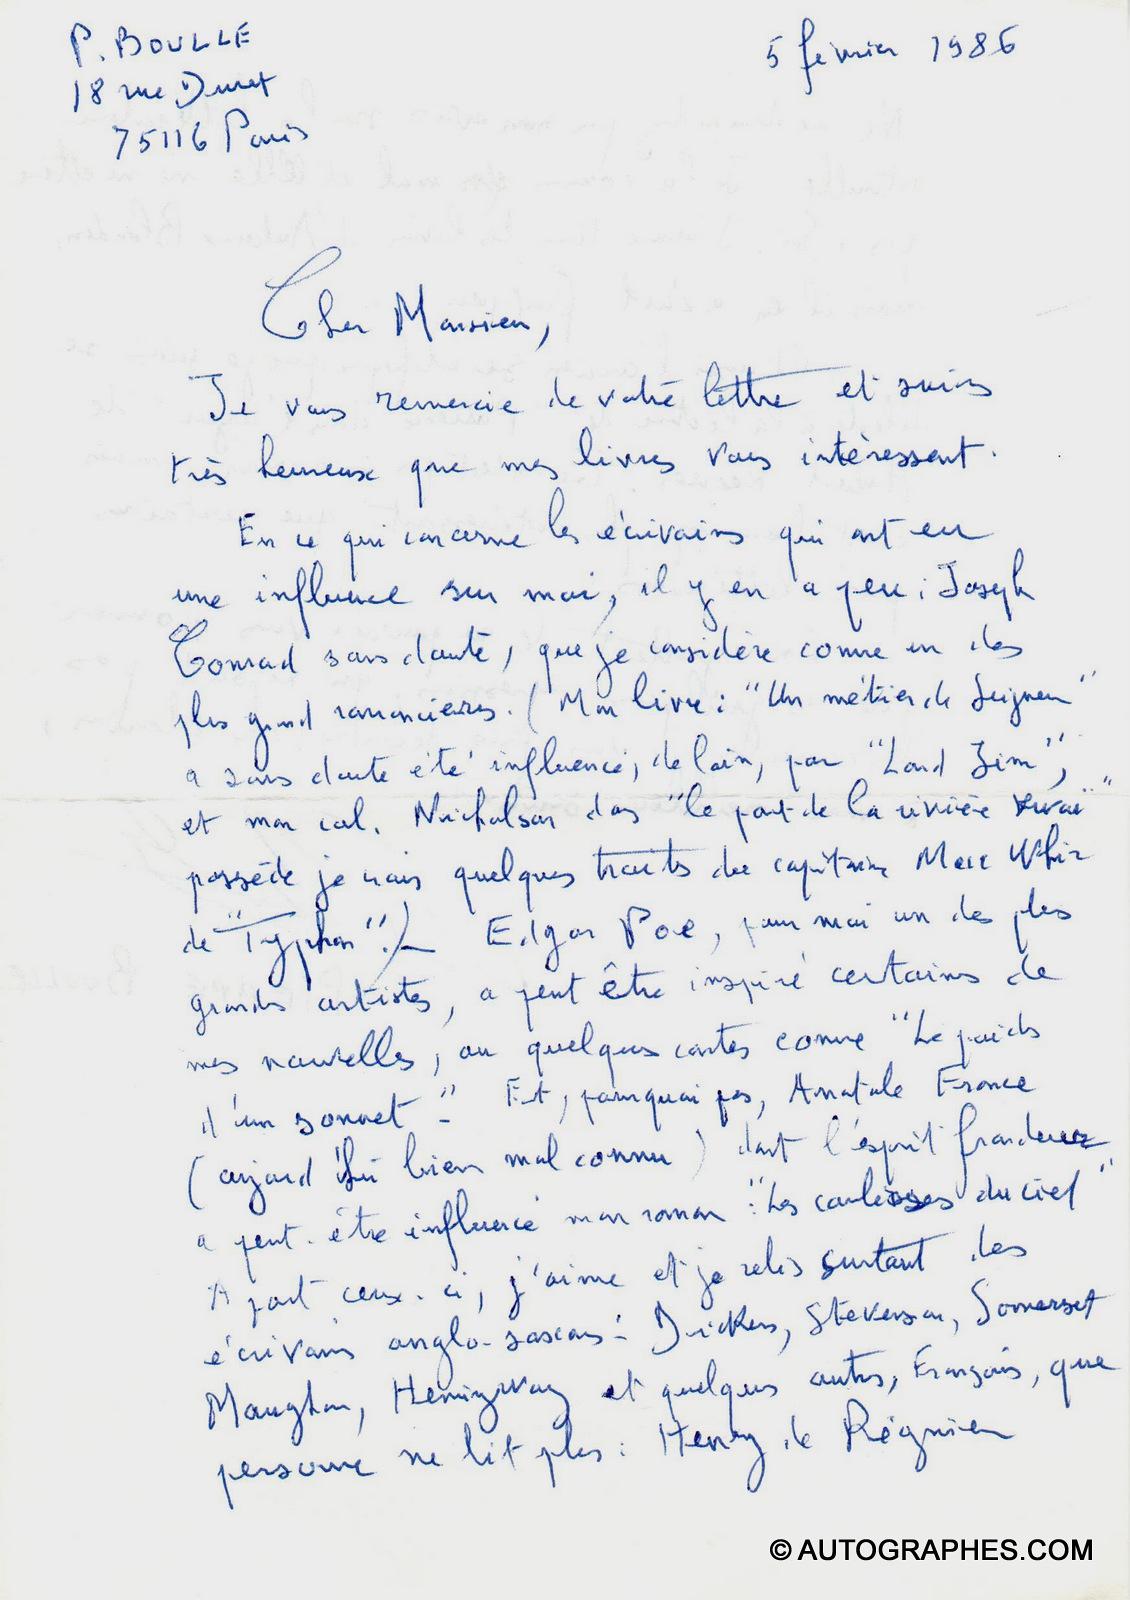 Pierre BOULLE - Lettre autographe signée à propos de ses influences littéraires (5 février 1986)